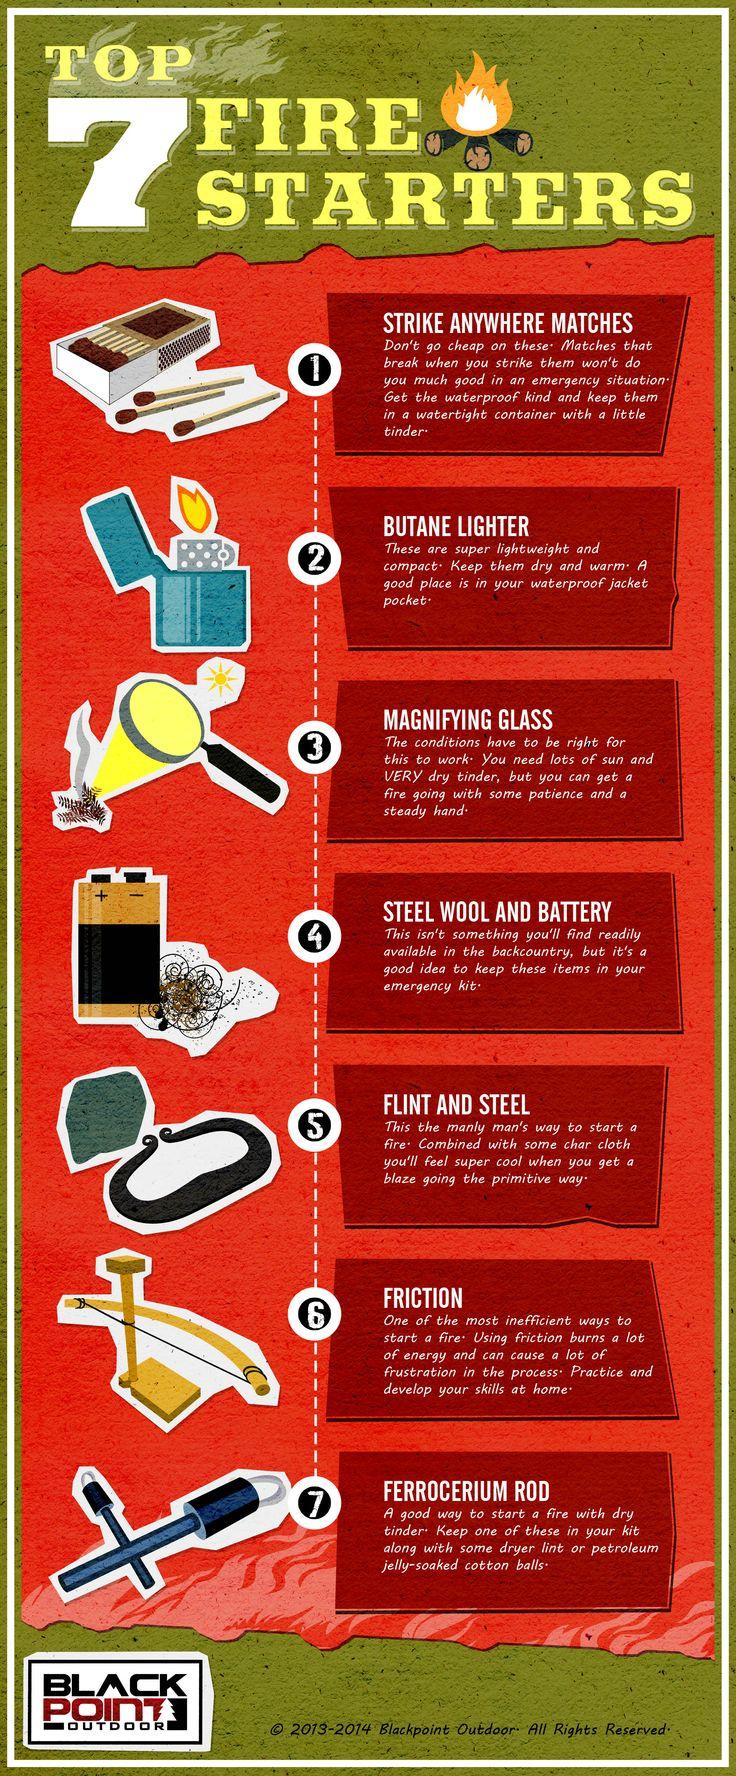 How do you start a fire? Fire starting basics. Top 7 ways to start a fire.